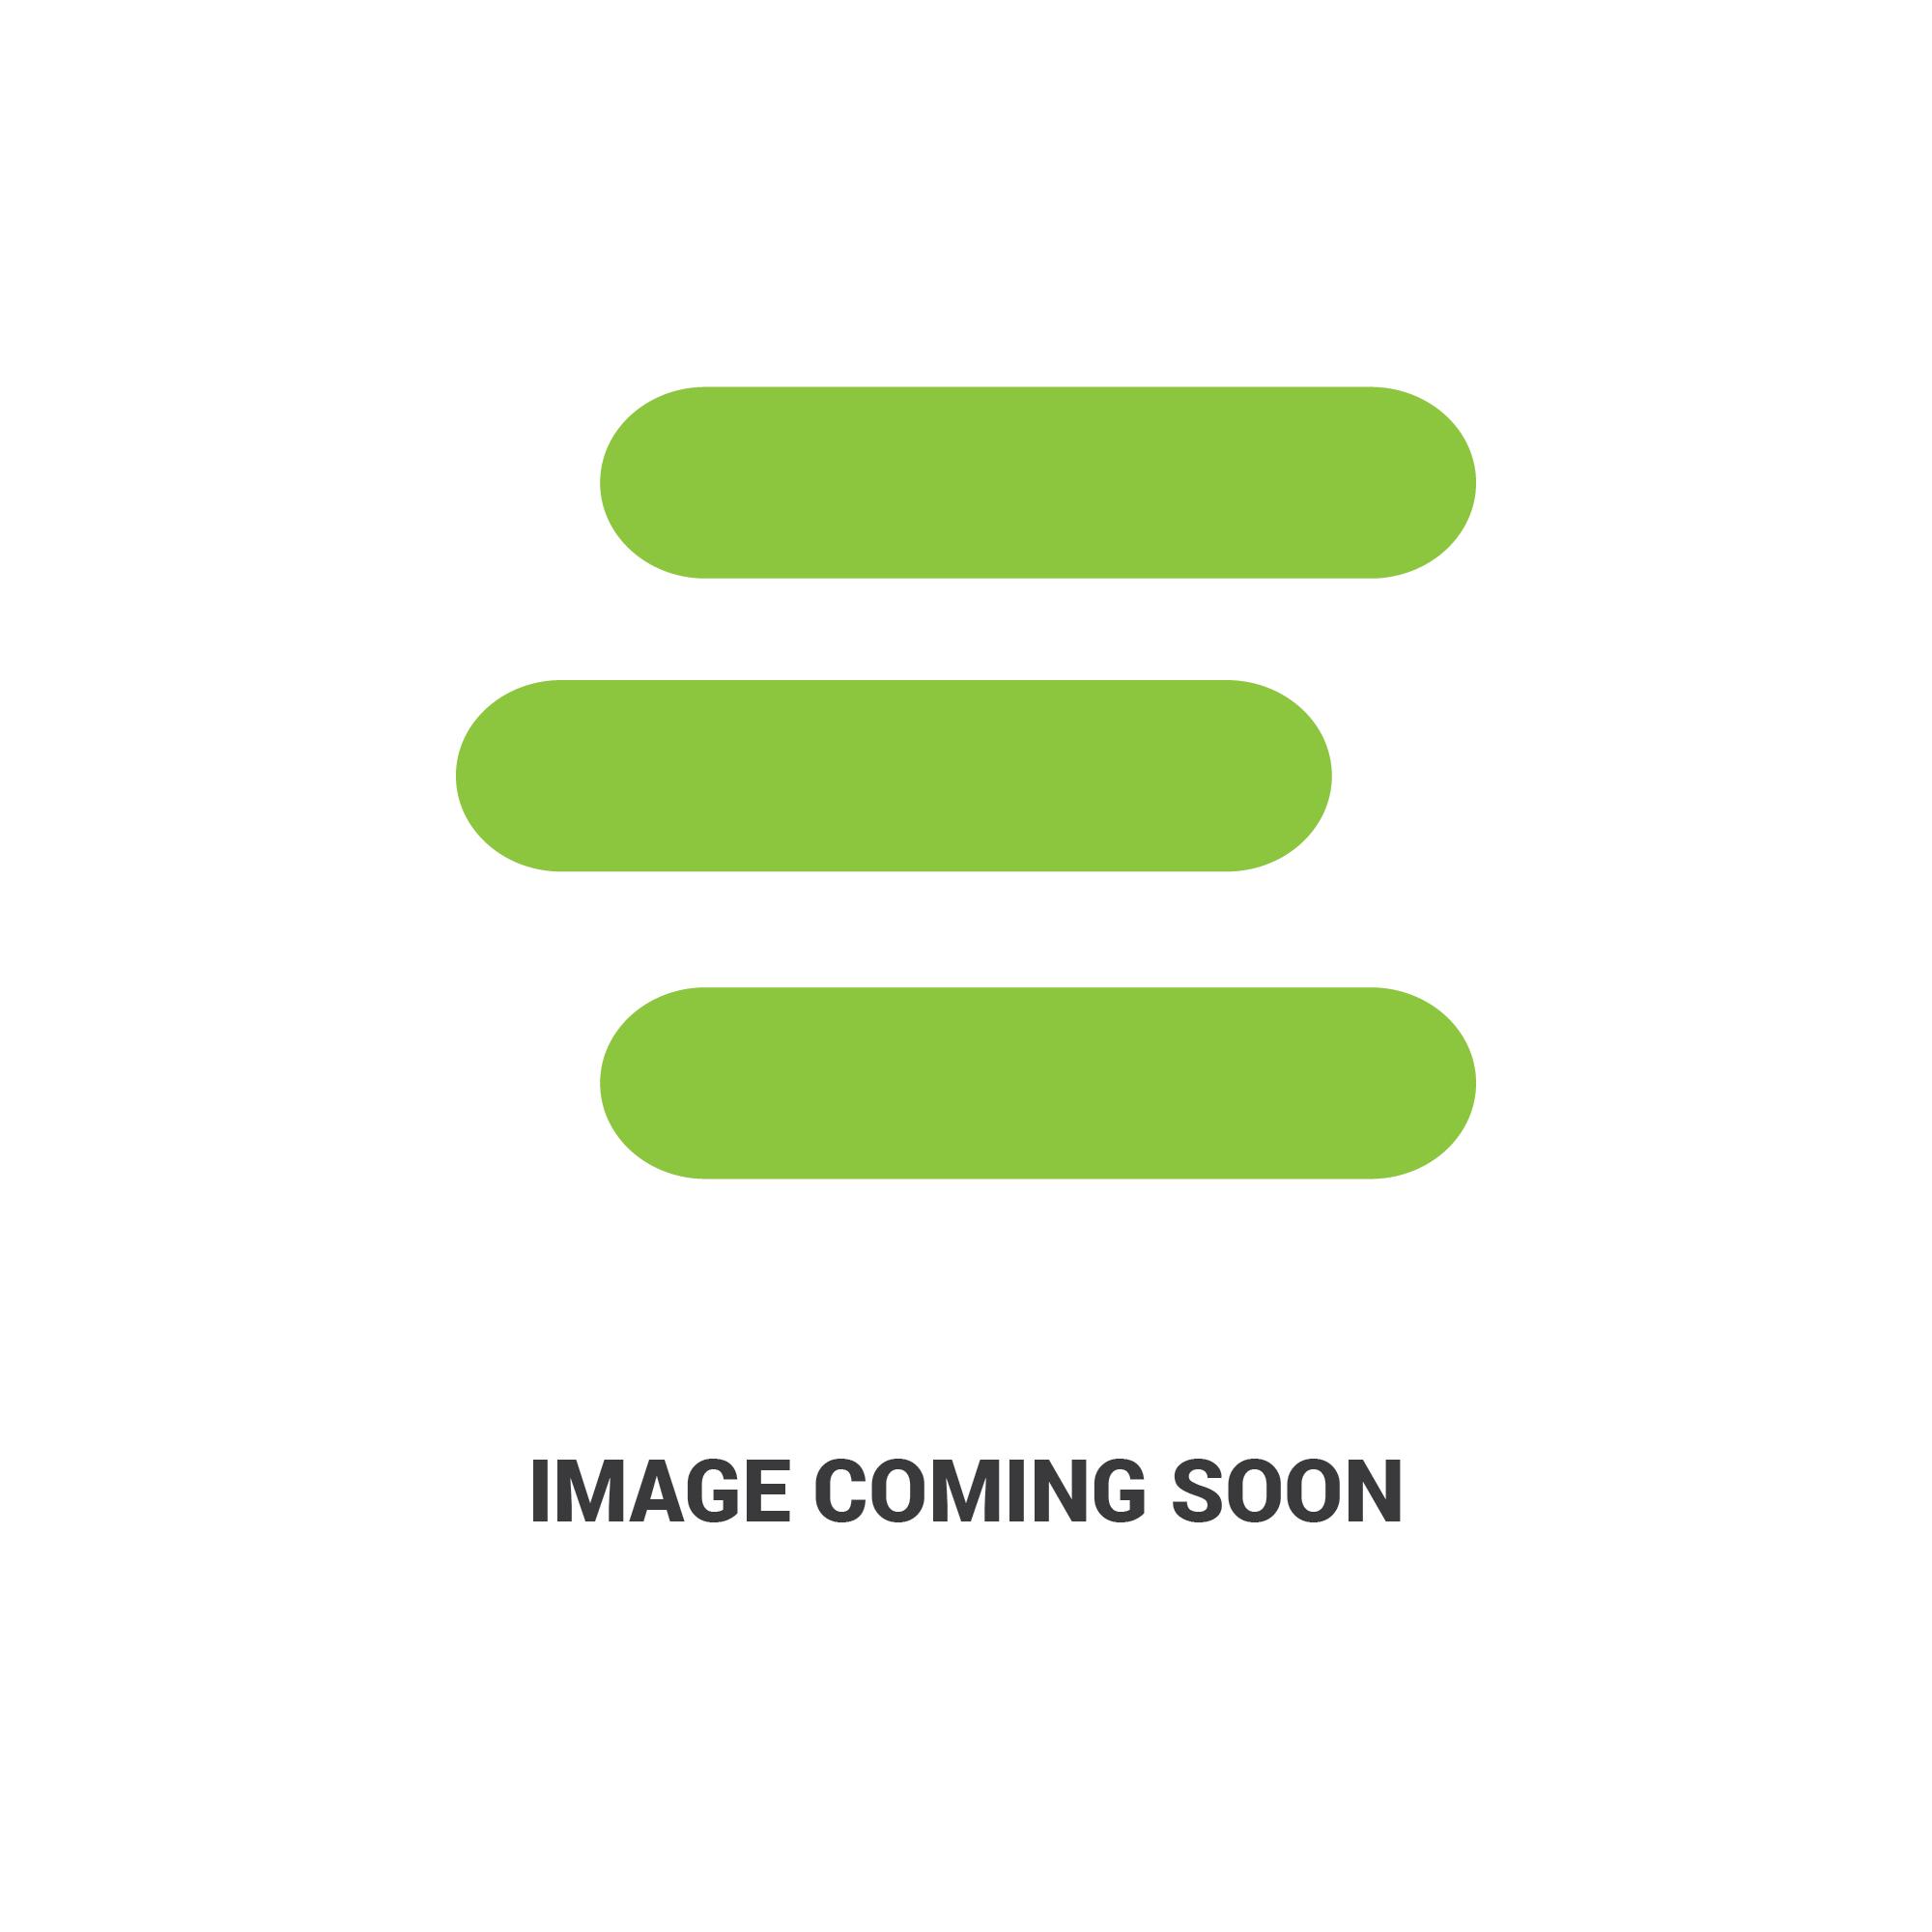 E-3C001-27740edit 1.jpg